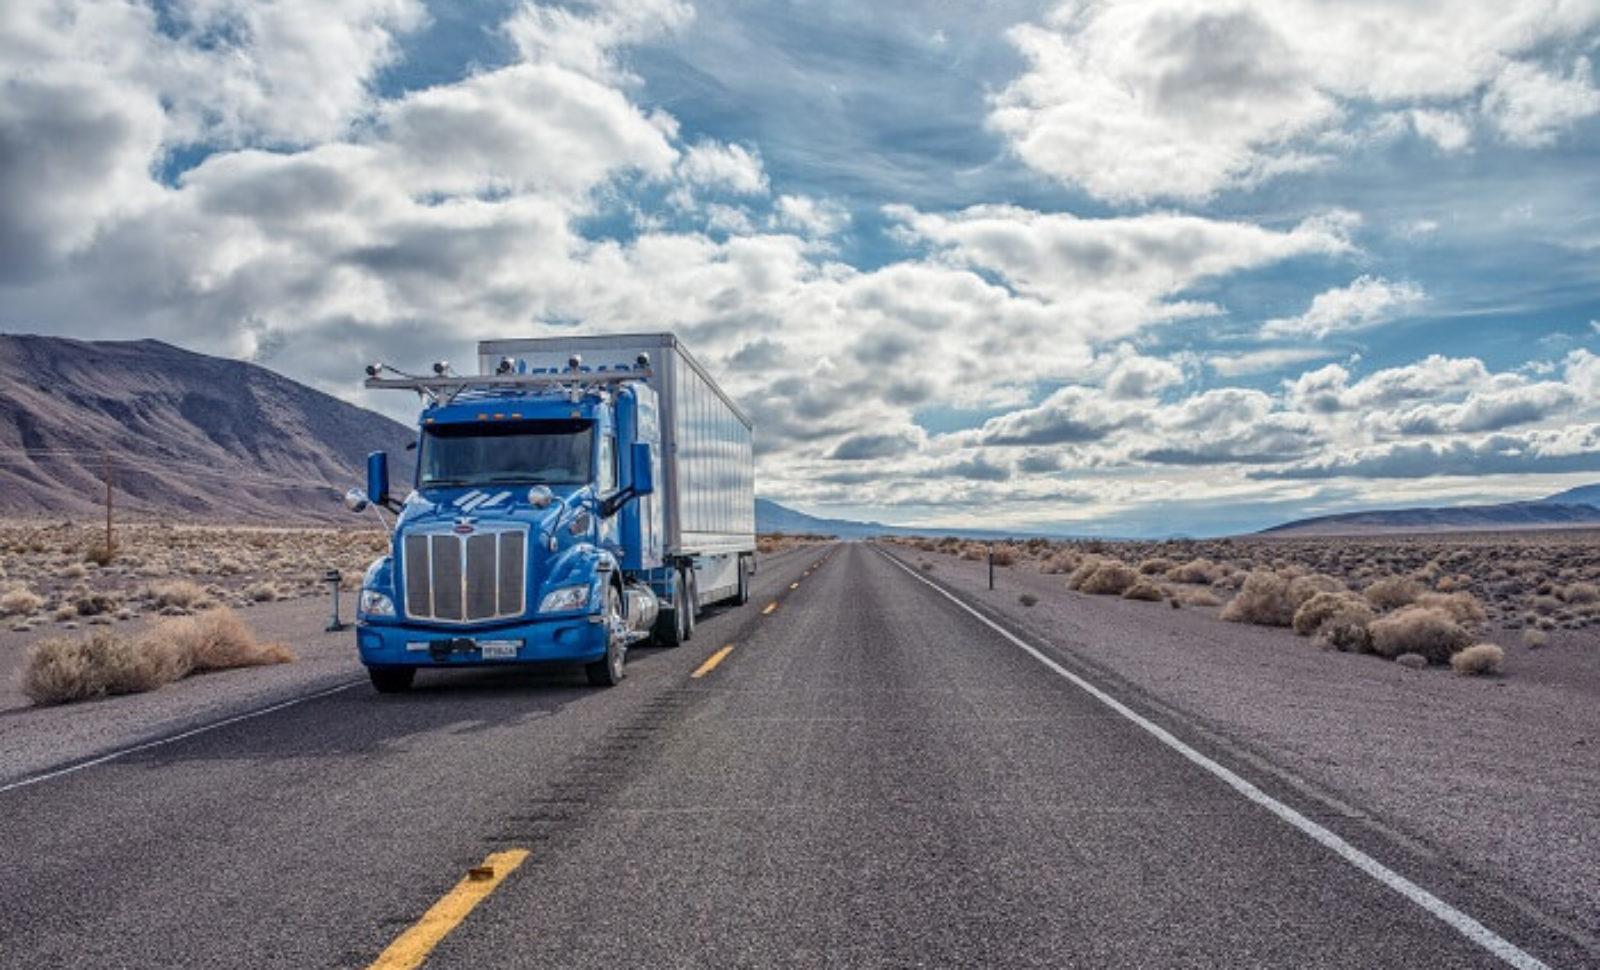 Premiere: Autonomer Sattelzug von Embark durchquert erstmals die USA